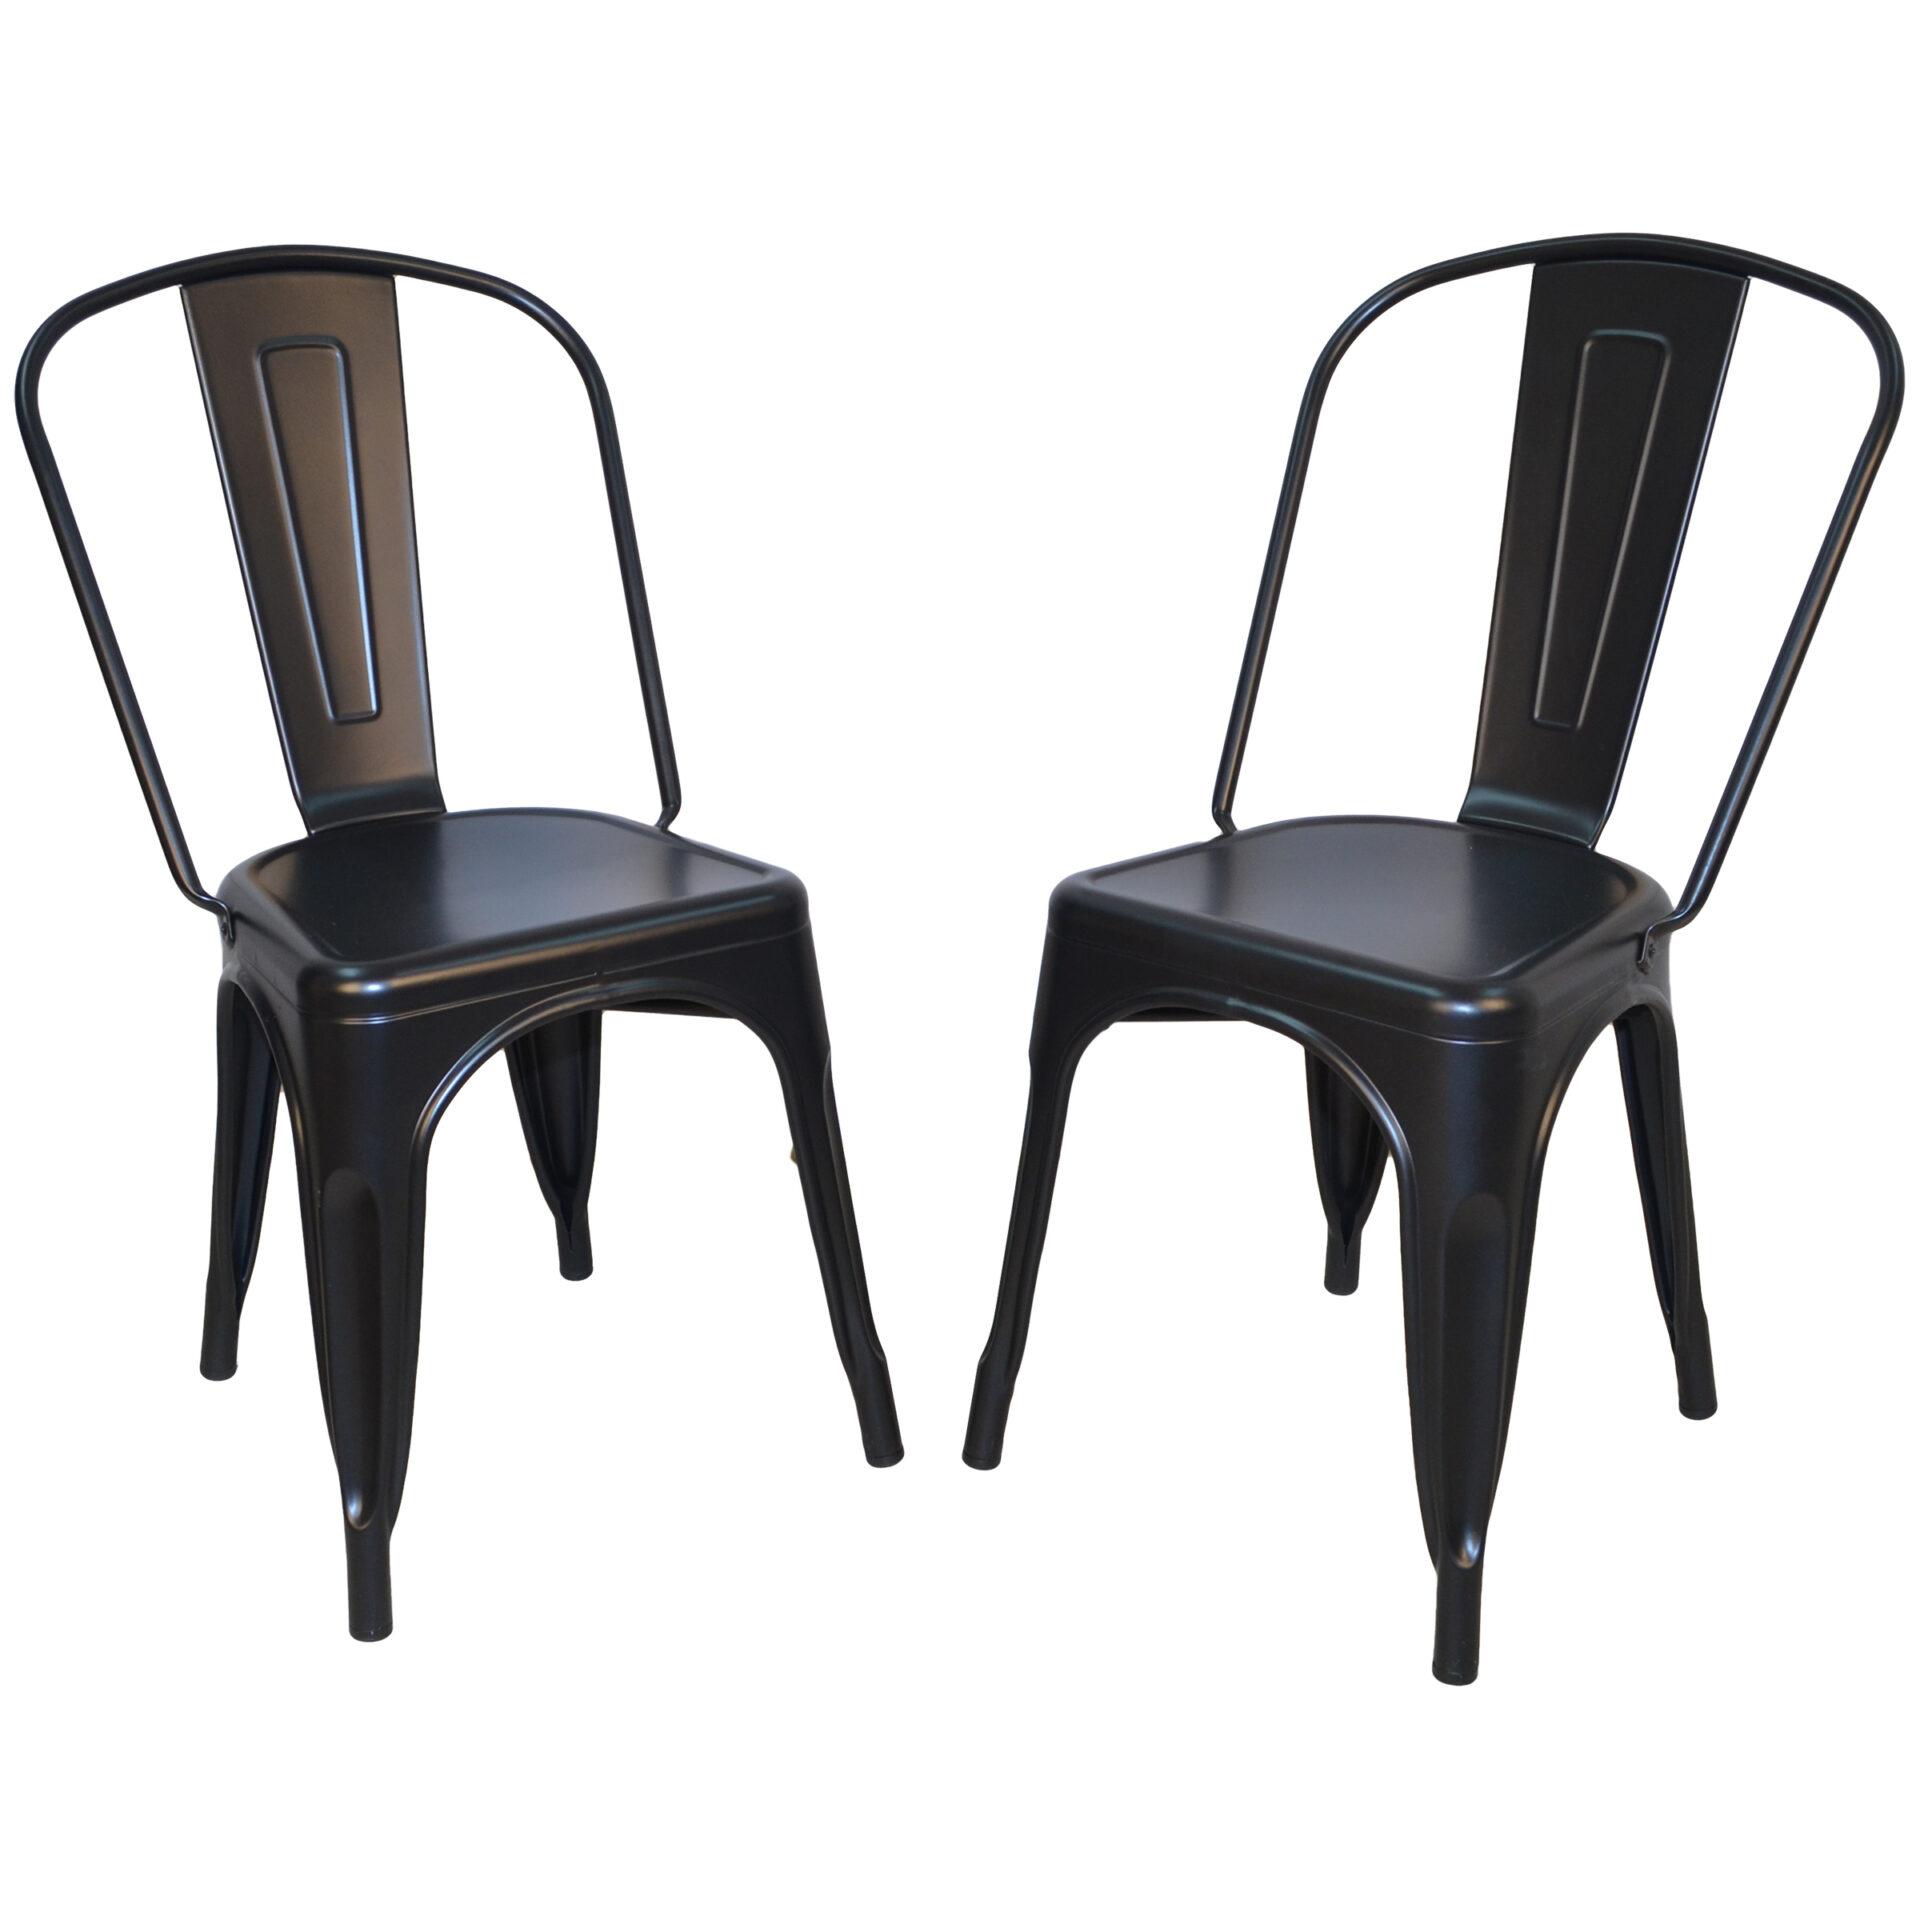 Adeline Metal Chair, Black